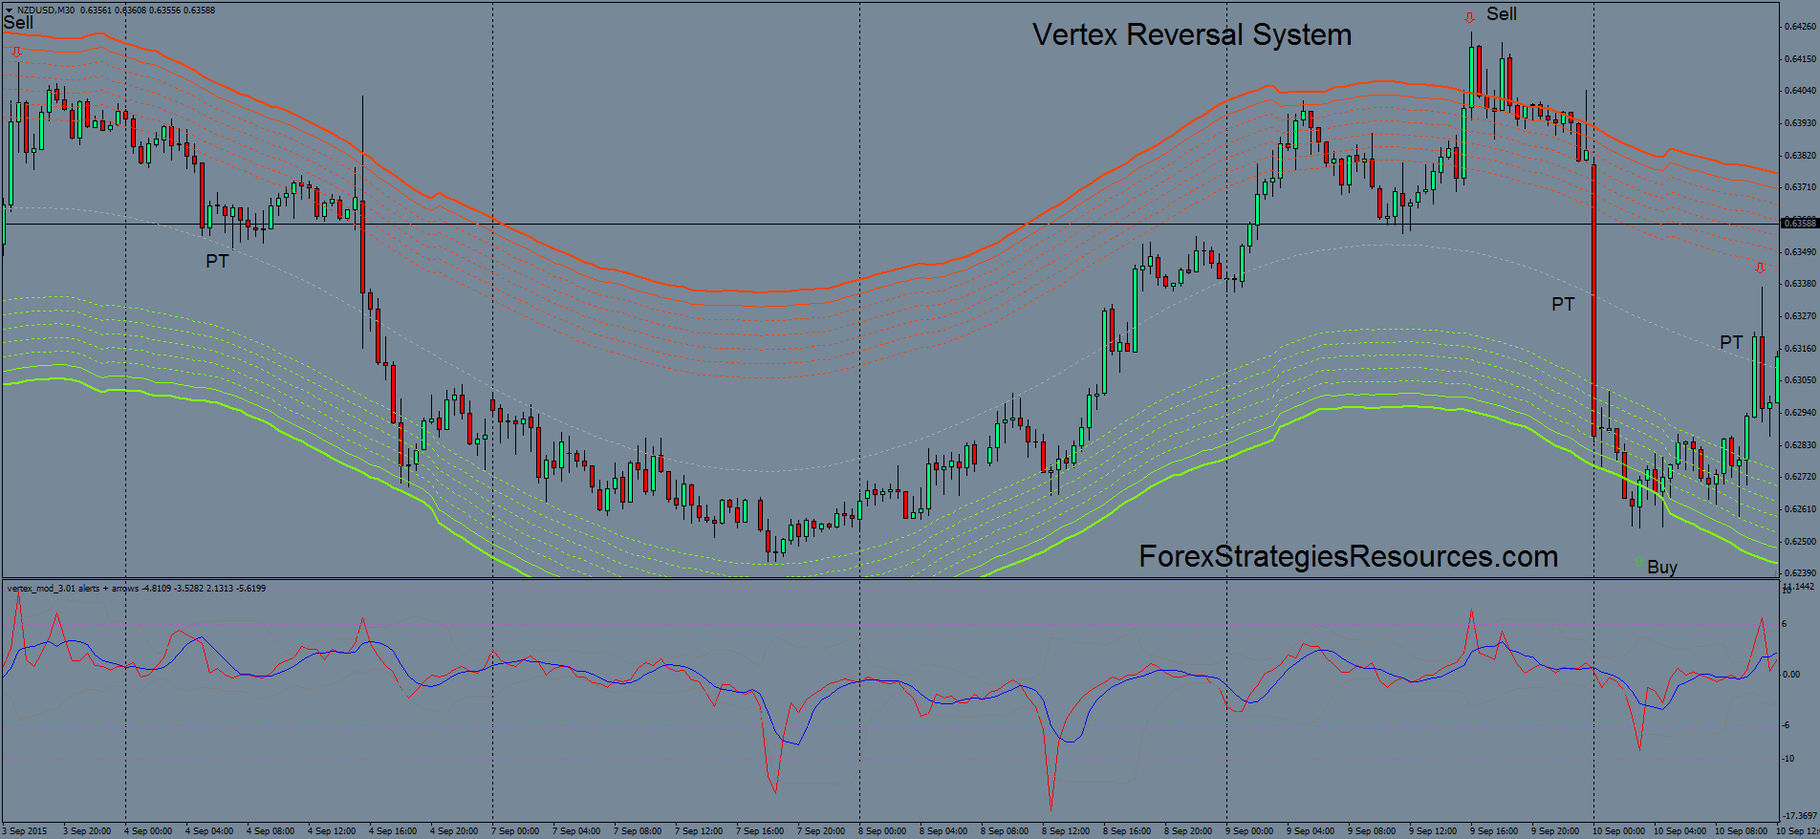 Vertex Reversal System - Forex Strategies - Forex Resources